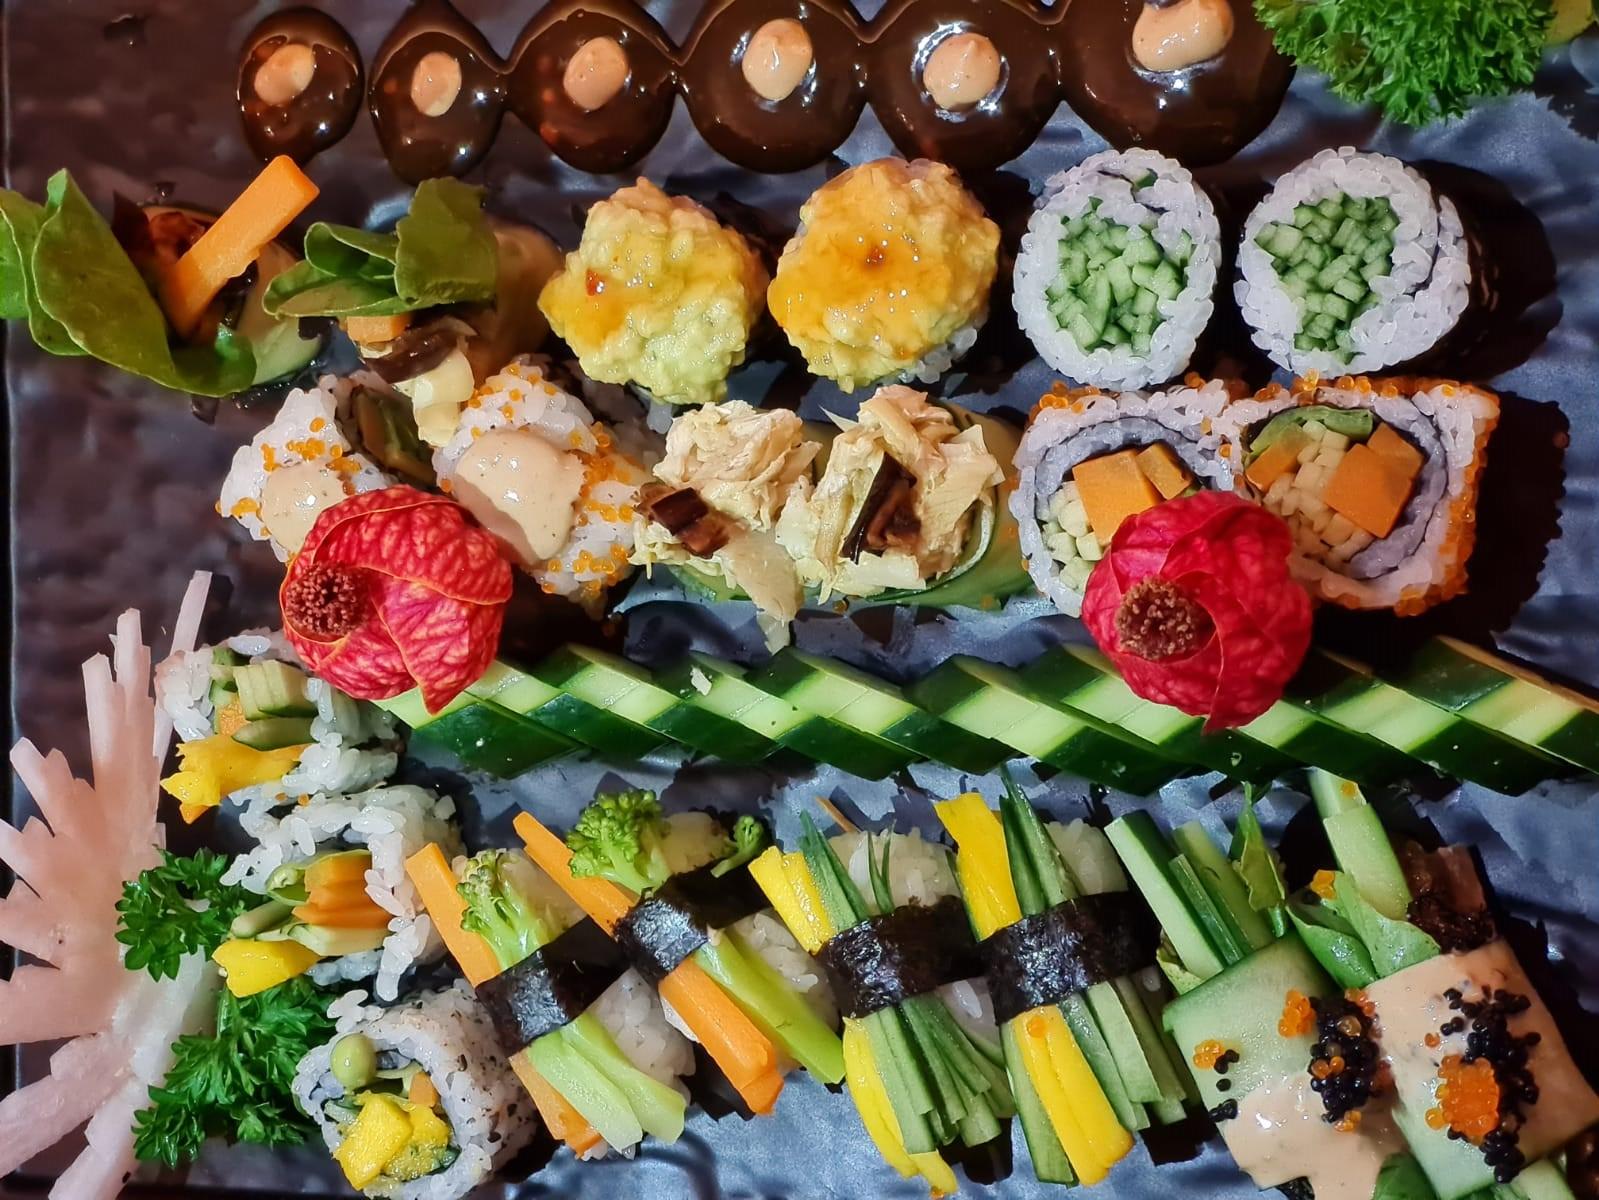 Combinado de 20 peças, no Kene'ki: Kappamaki, Uramaki de abacate e geleia de pimenta, Joe especial com rúcula e manga, Uramaki de ovas de tobikô, cenoura, pepino e molho Rosenberg, Sushi Joe de pepino, com alcachofra e berinjela, Uramaki com ovas, alcachofra, cenoura e pepino, Uramaki com alcachofra, ervilha, cenoura e manga, Niguiri de brócolis e cenoura, Niguiri de pepino e manga, Niguiri especial enrolado com pepino, rúcula, ovas de tobikô black, berinjela e molho Rosenberg.